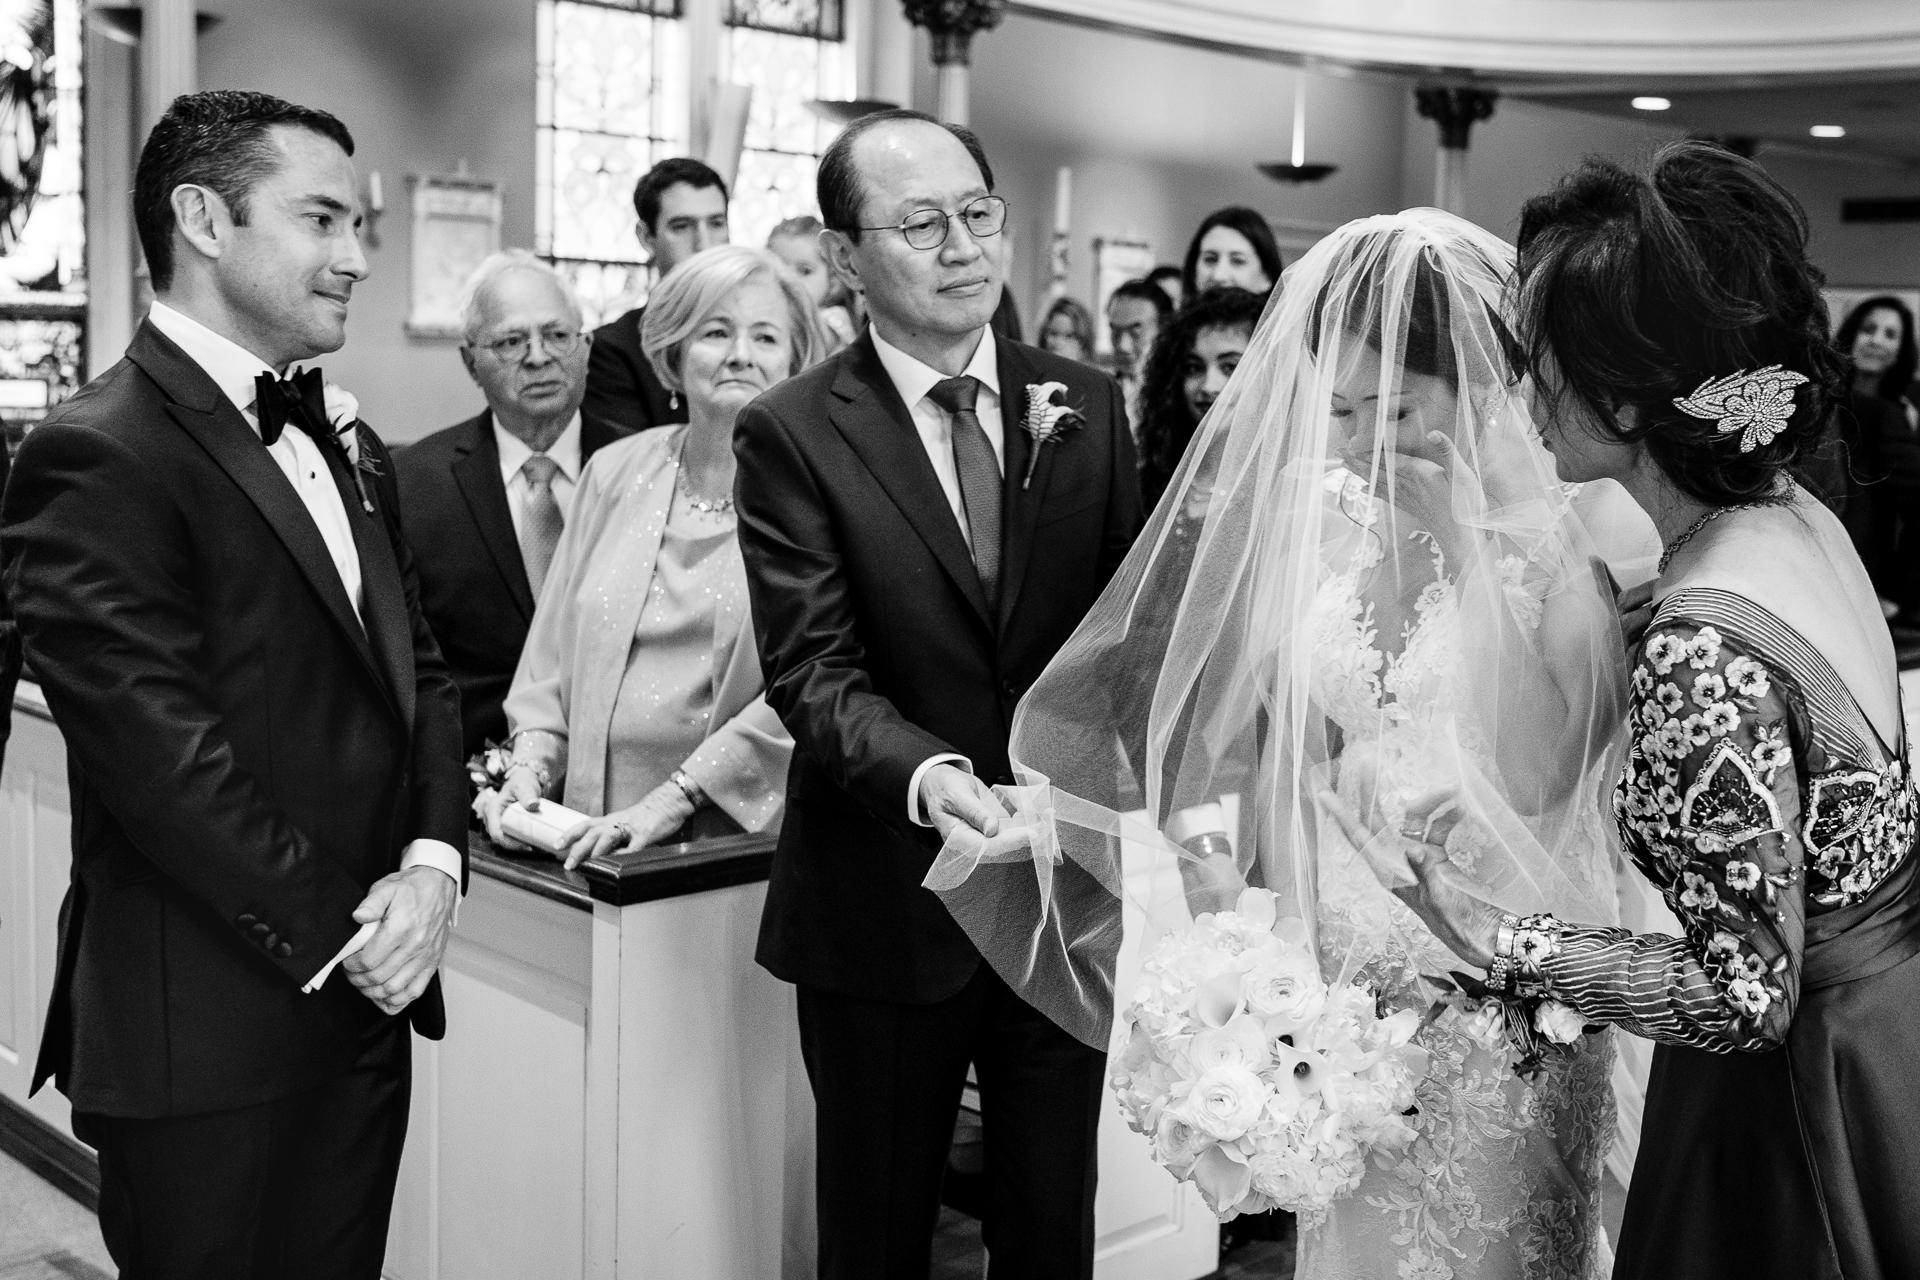 Trouwdagfotografie met de ouders. Afbeelding van de moeder en vader van de bruid die haar sluier verwijderen terwijl de bruidegom toekijkt.